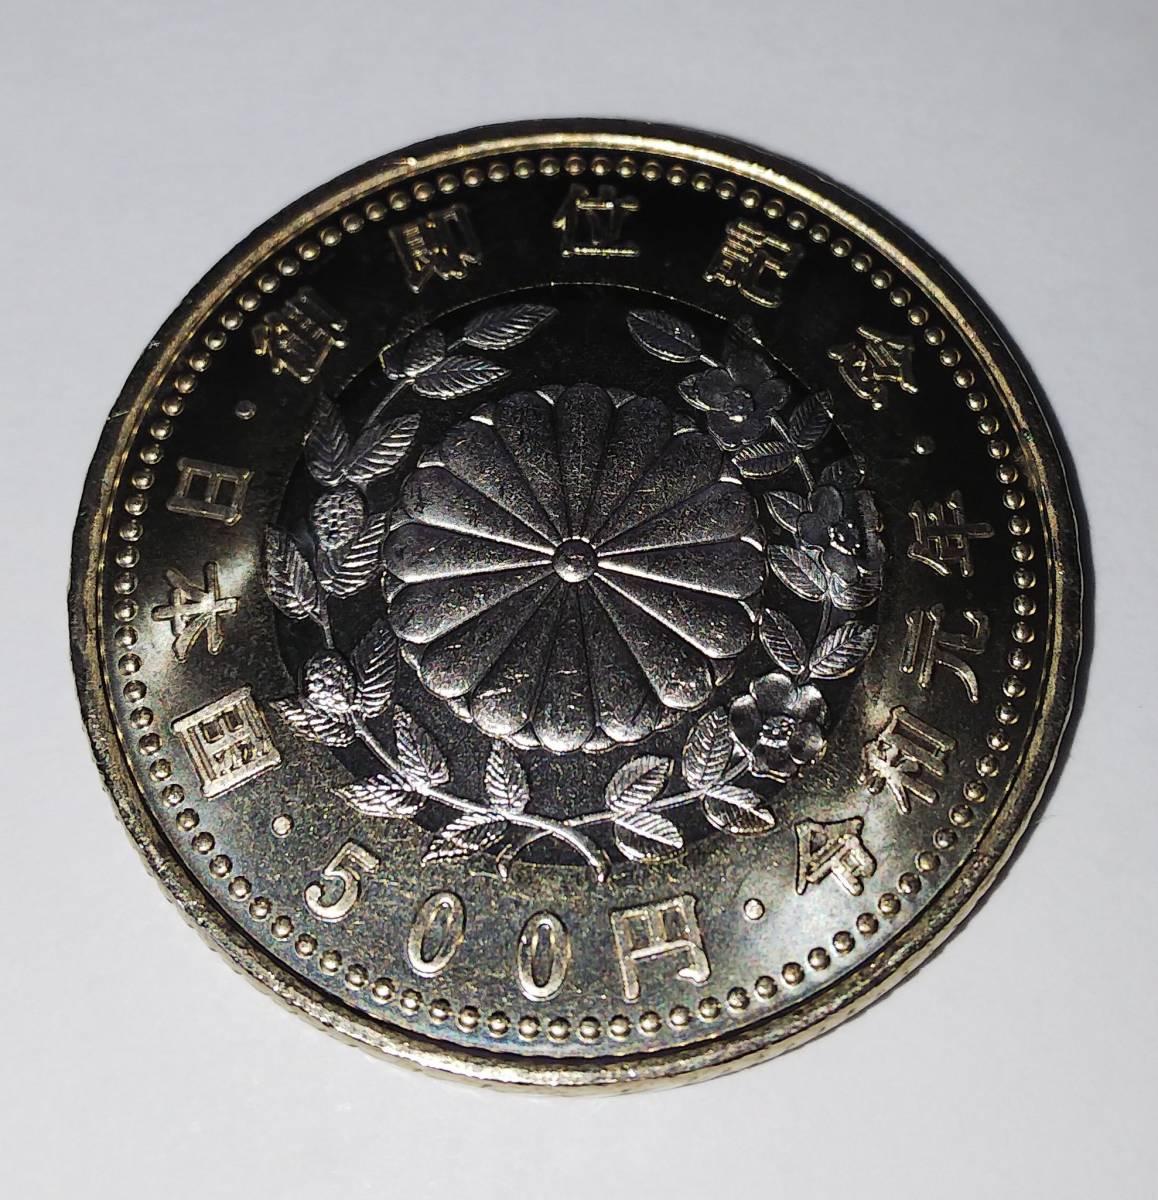 令和元年 天皇陛下御即位記念 記念硬貨 500円